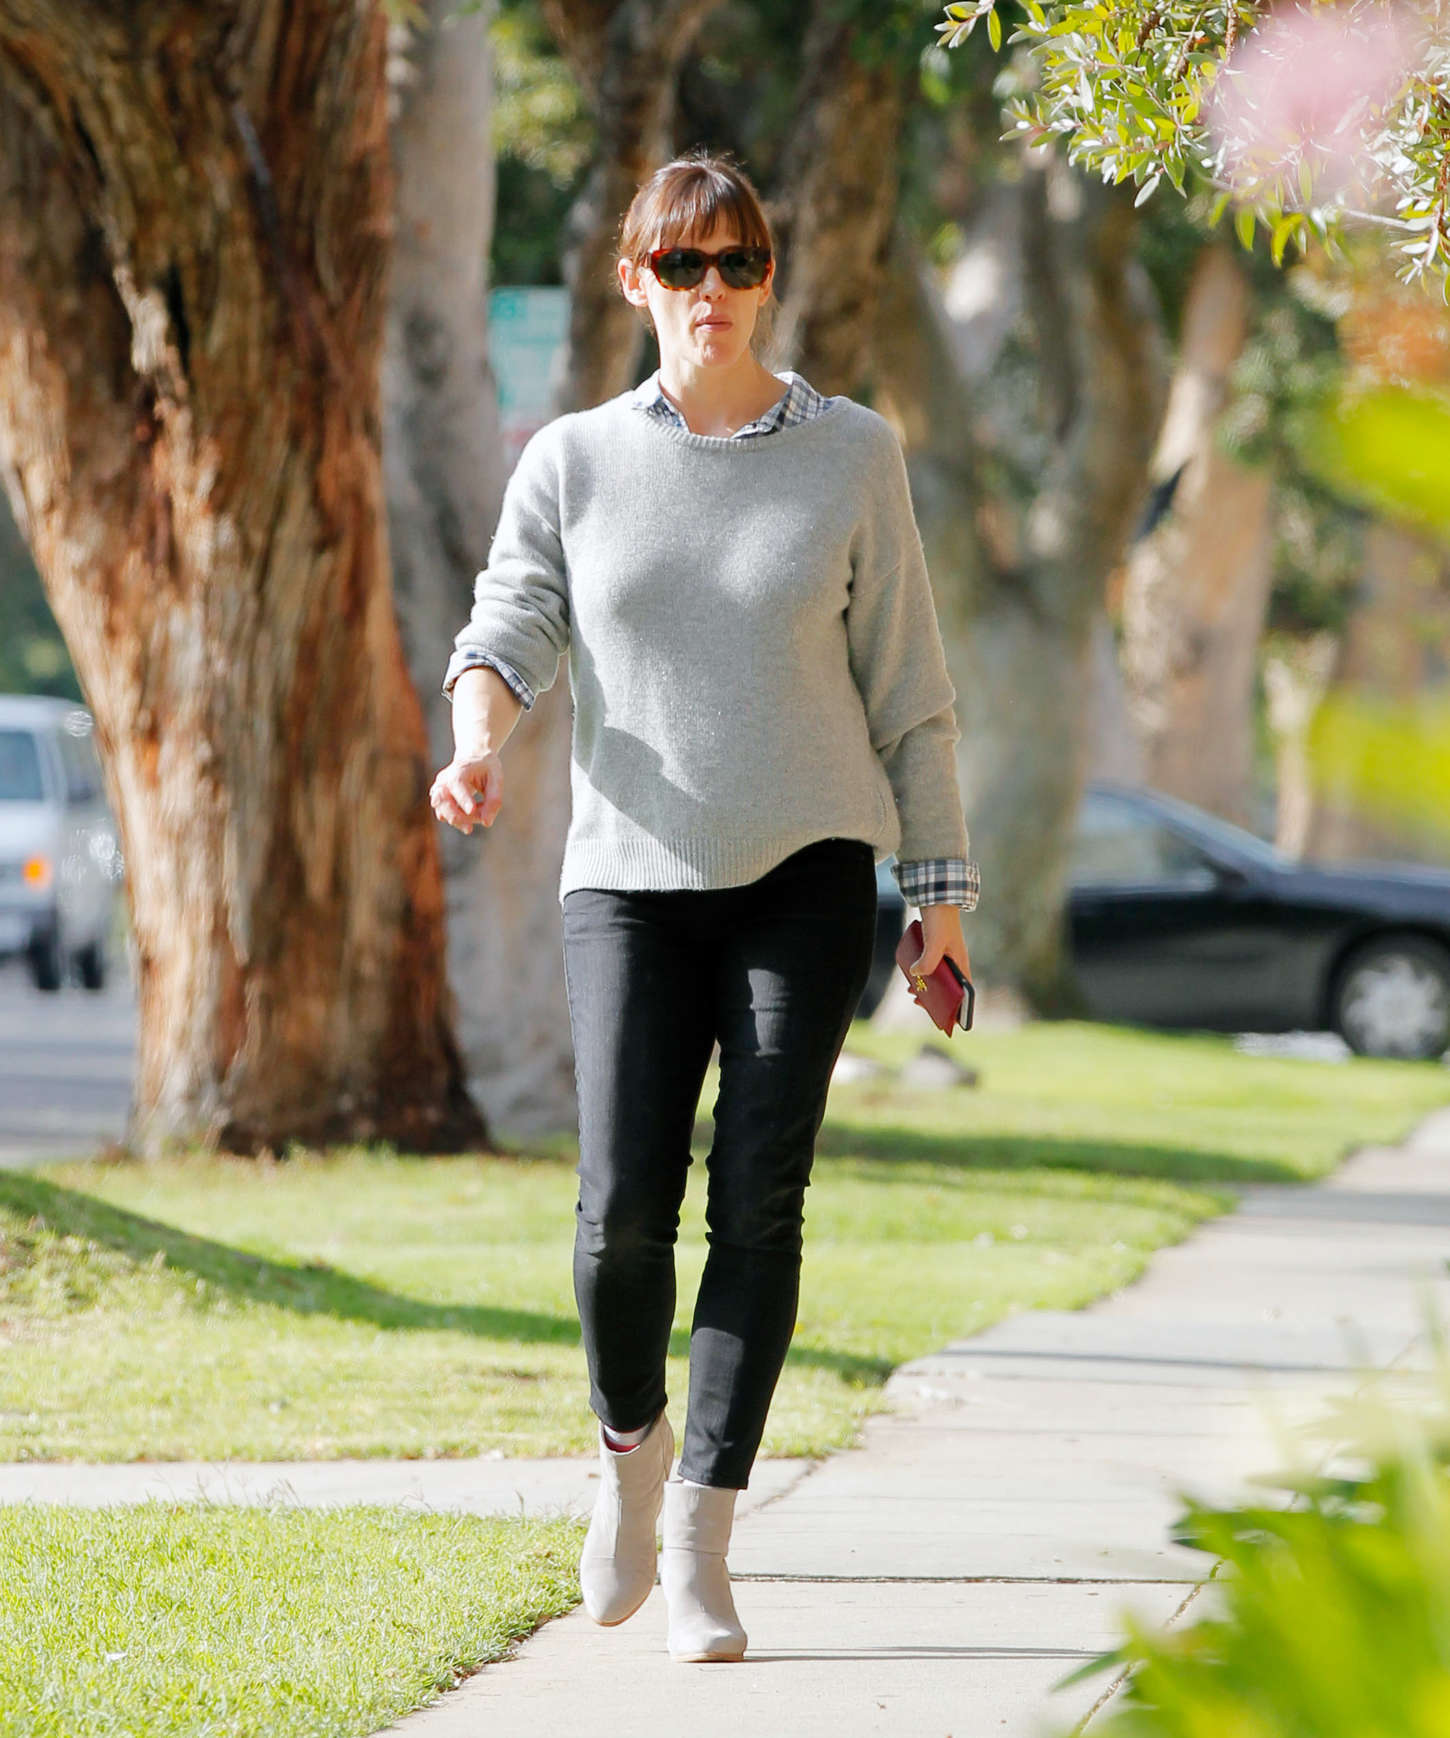 Jennifer Garner in Tight Jeans Out in LA